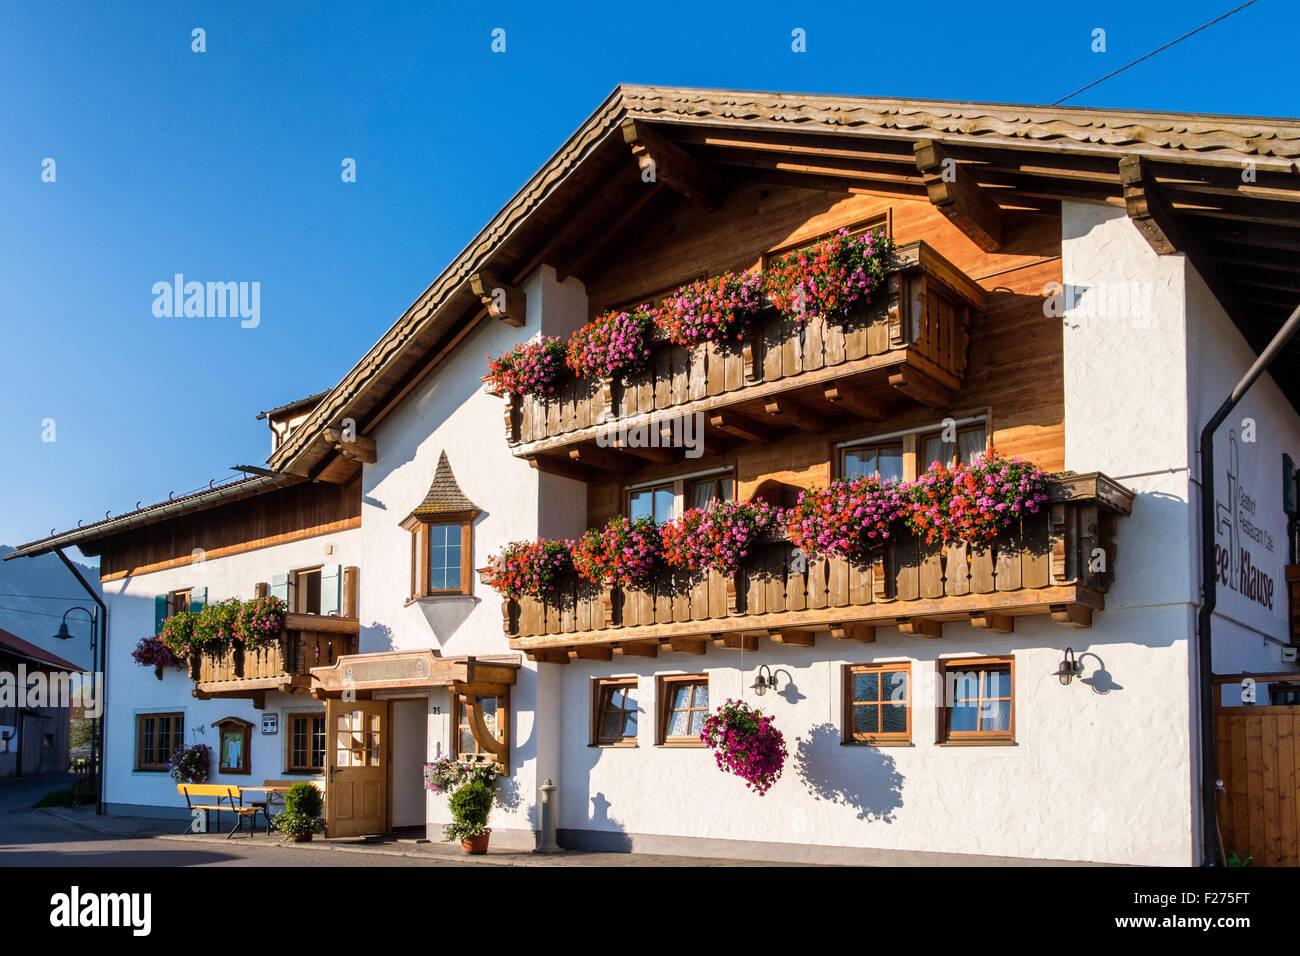 Fioriere Per Persiane ~ Seeklause guest house hoilday alloggio in tipica casa bavarese con